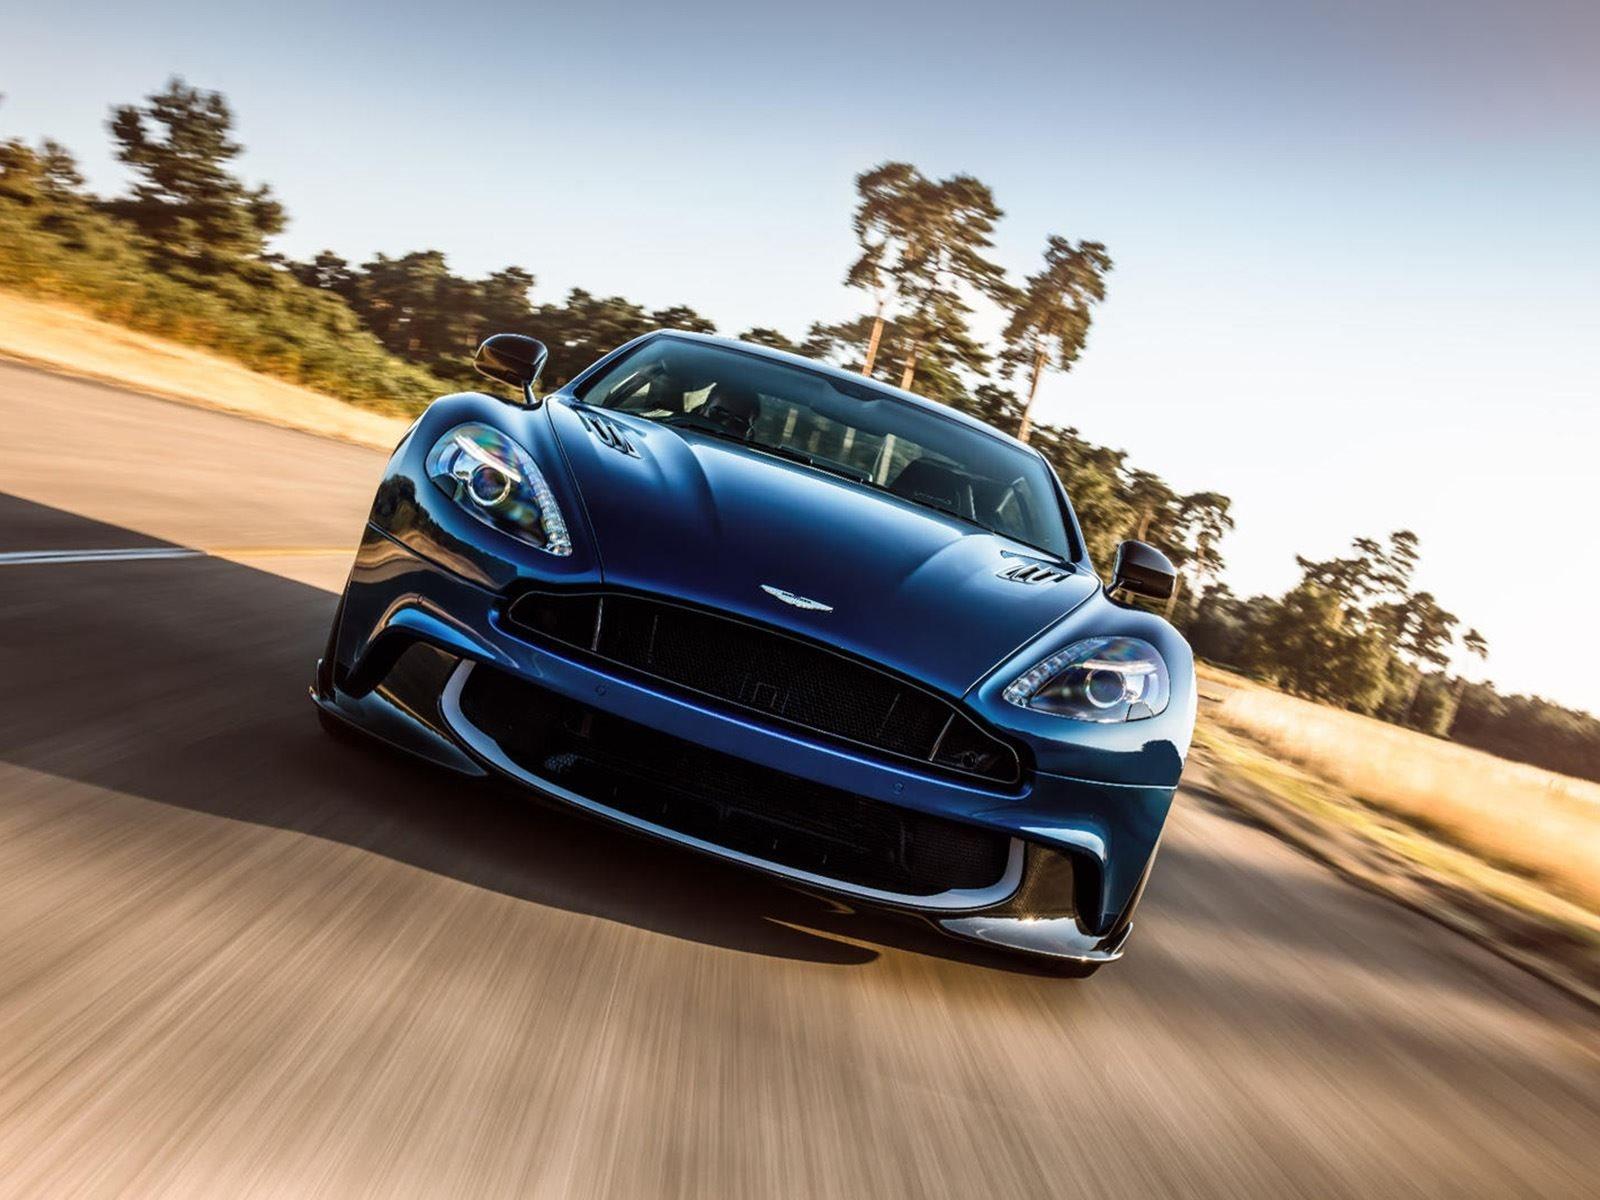 Aston Martin покажет DBS Superleggera в июне, поэтому нам осталось ждать не так уже долго. Что касается Vanquish, его название будет использоваться для предстоящего гибридного суперкара Aston Martin, который будет конкурировать с Ferrari 488 GTB и Mc